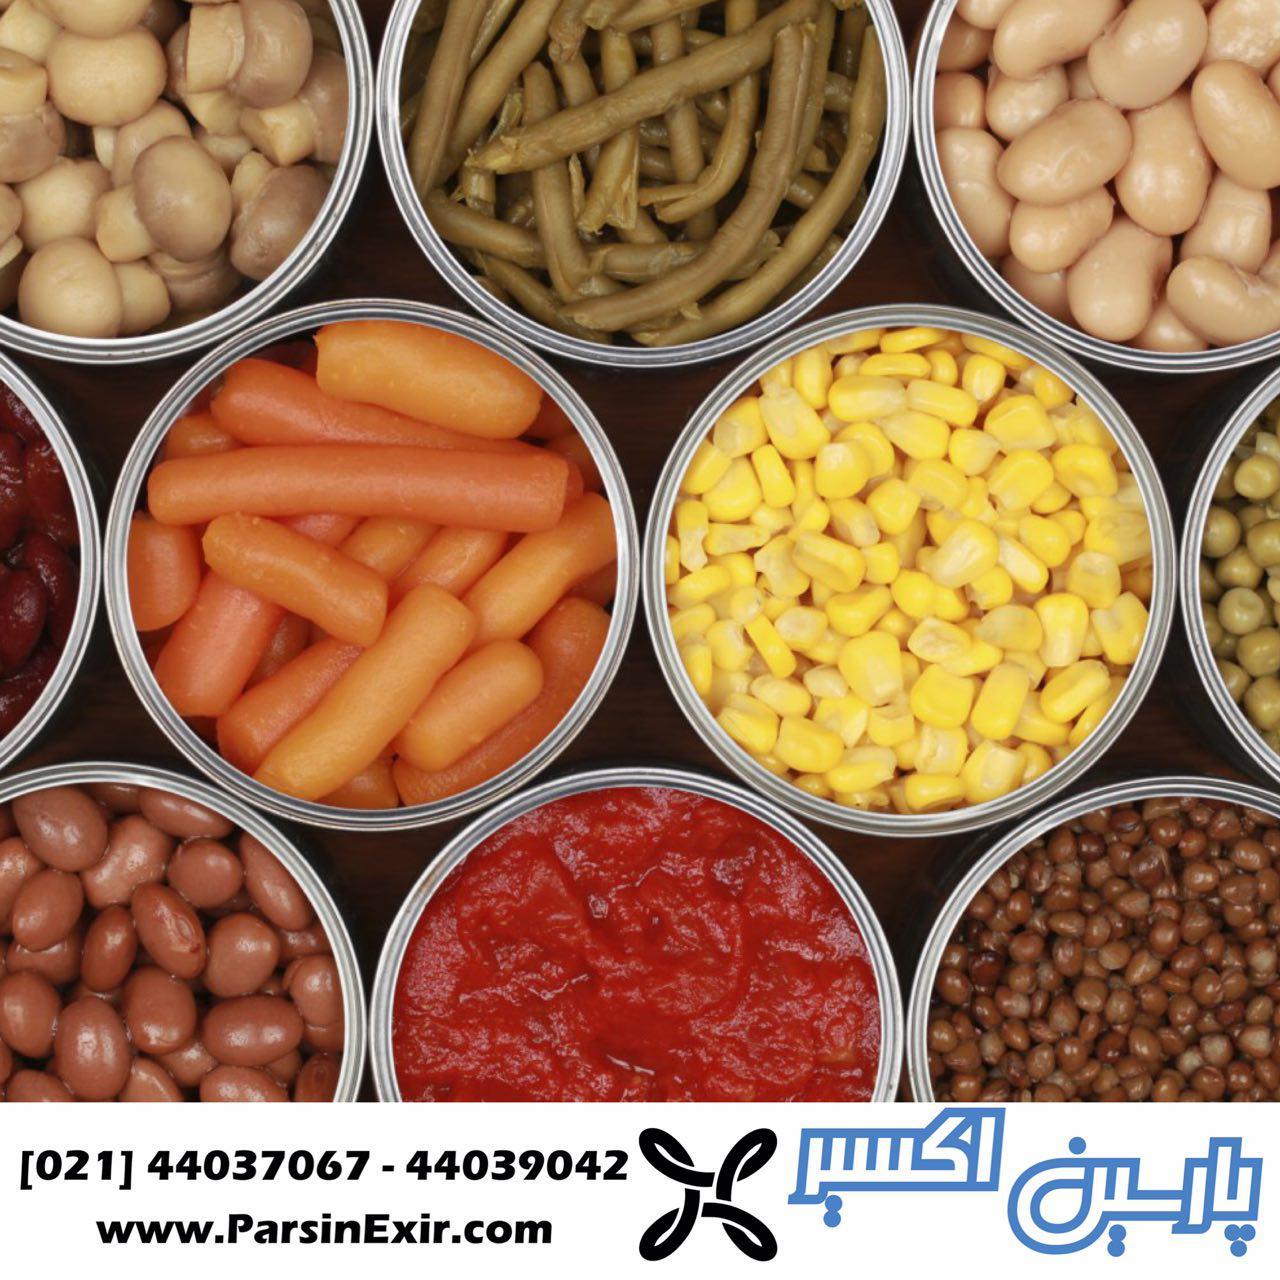 بنزوات سدیم مواد اولیه صنایع غذایی